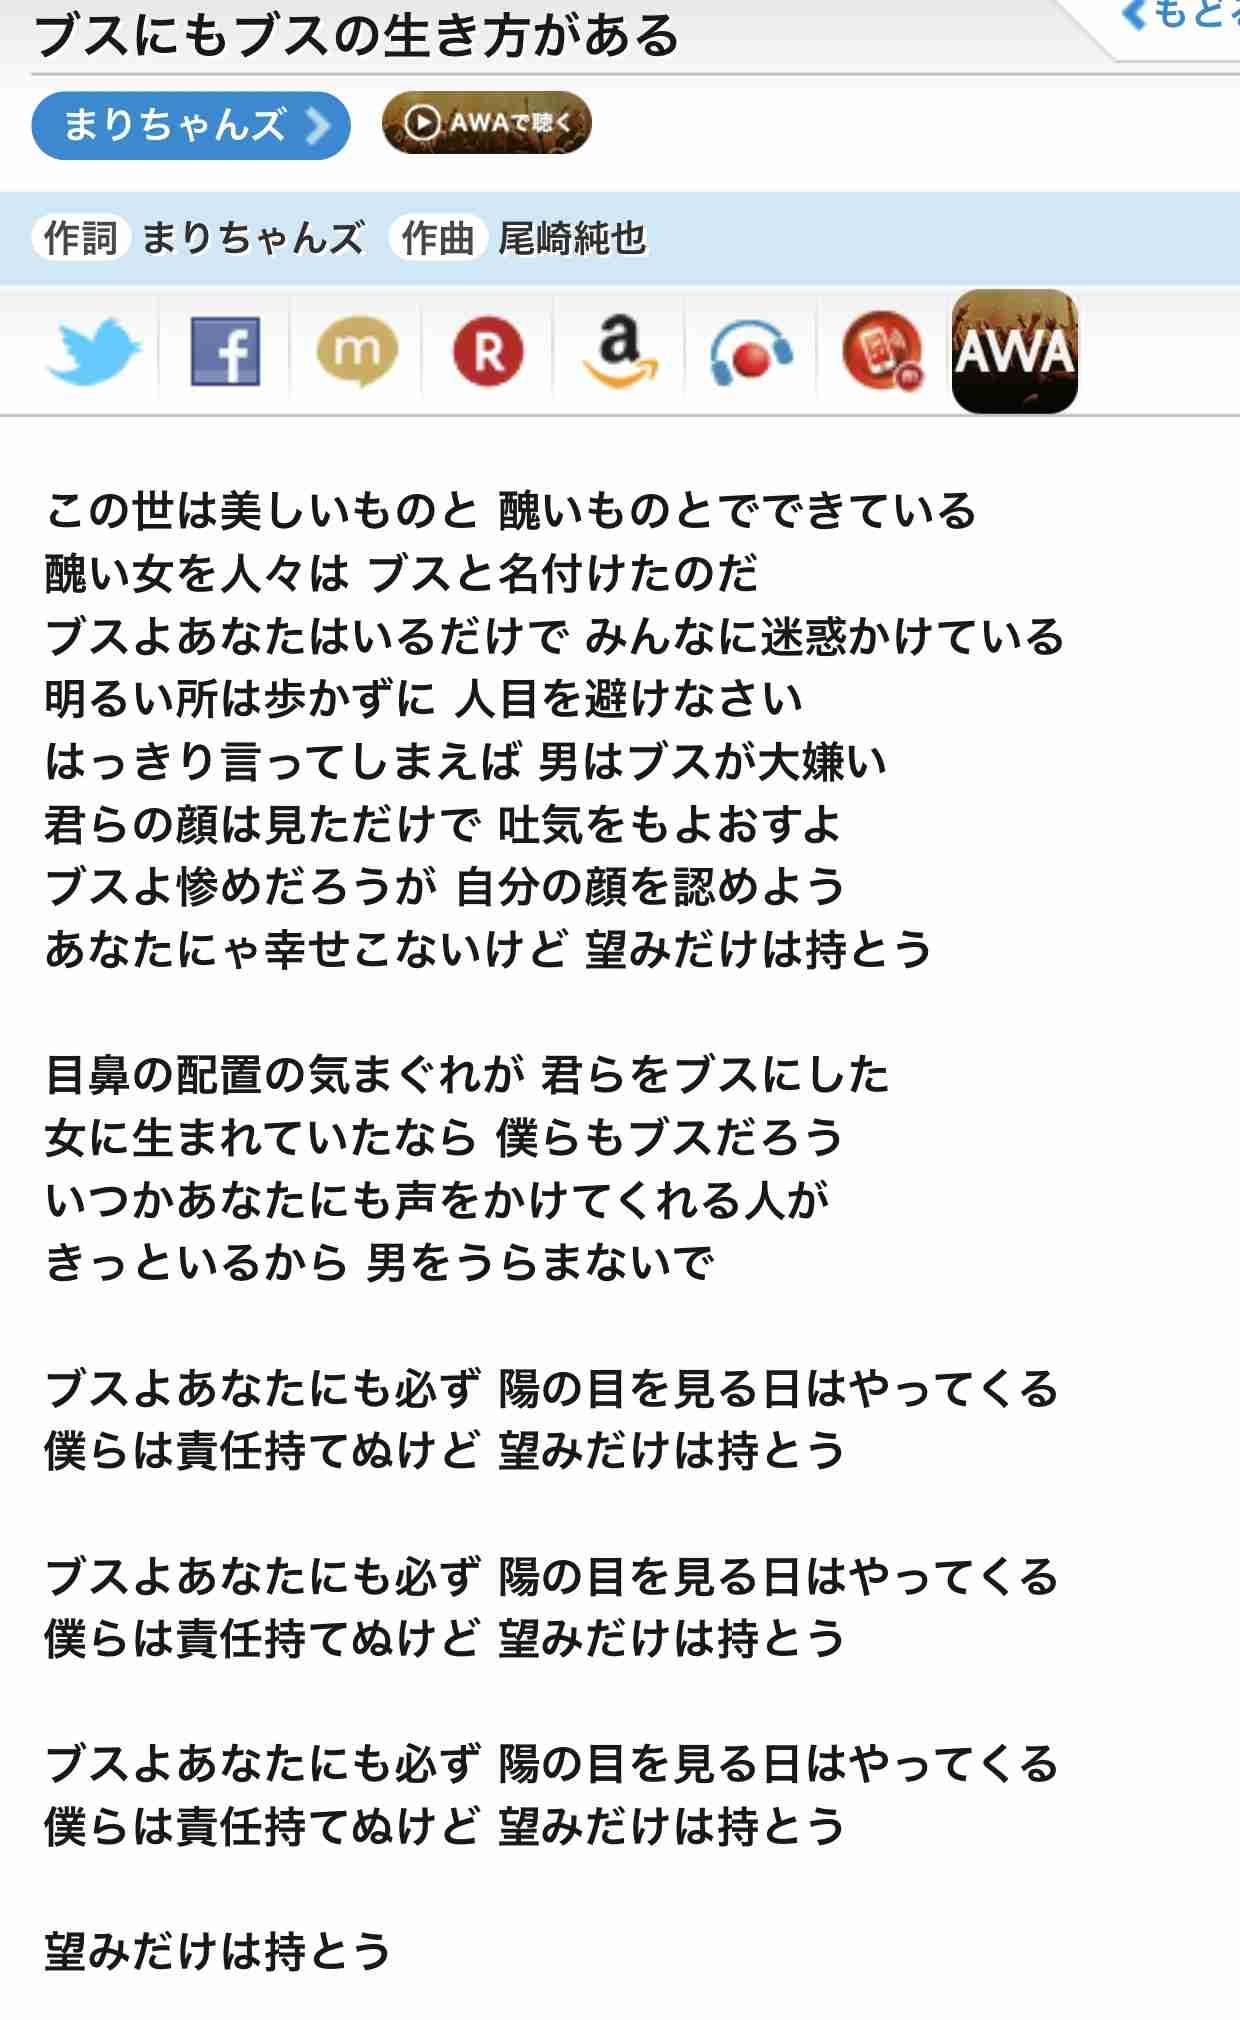 迷曲アルバム(知られざる迷曲・珍曲)